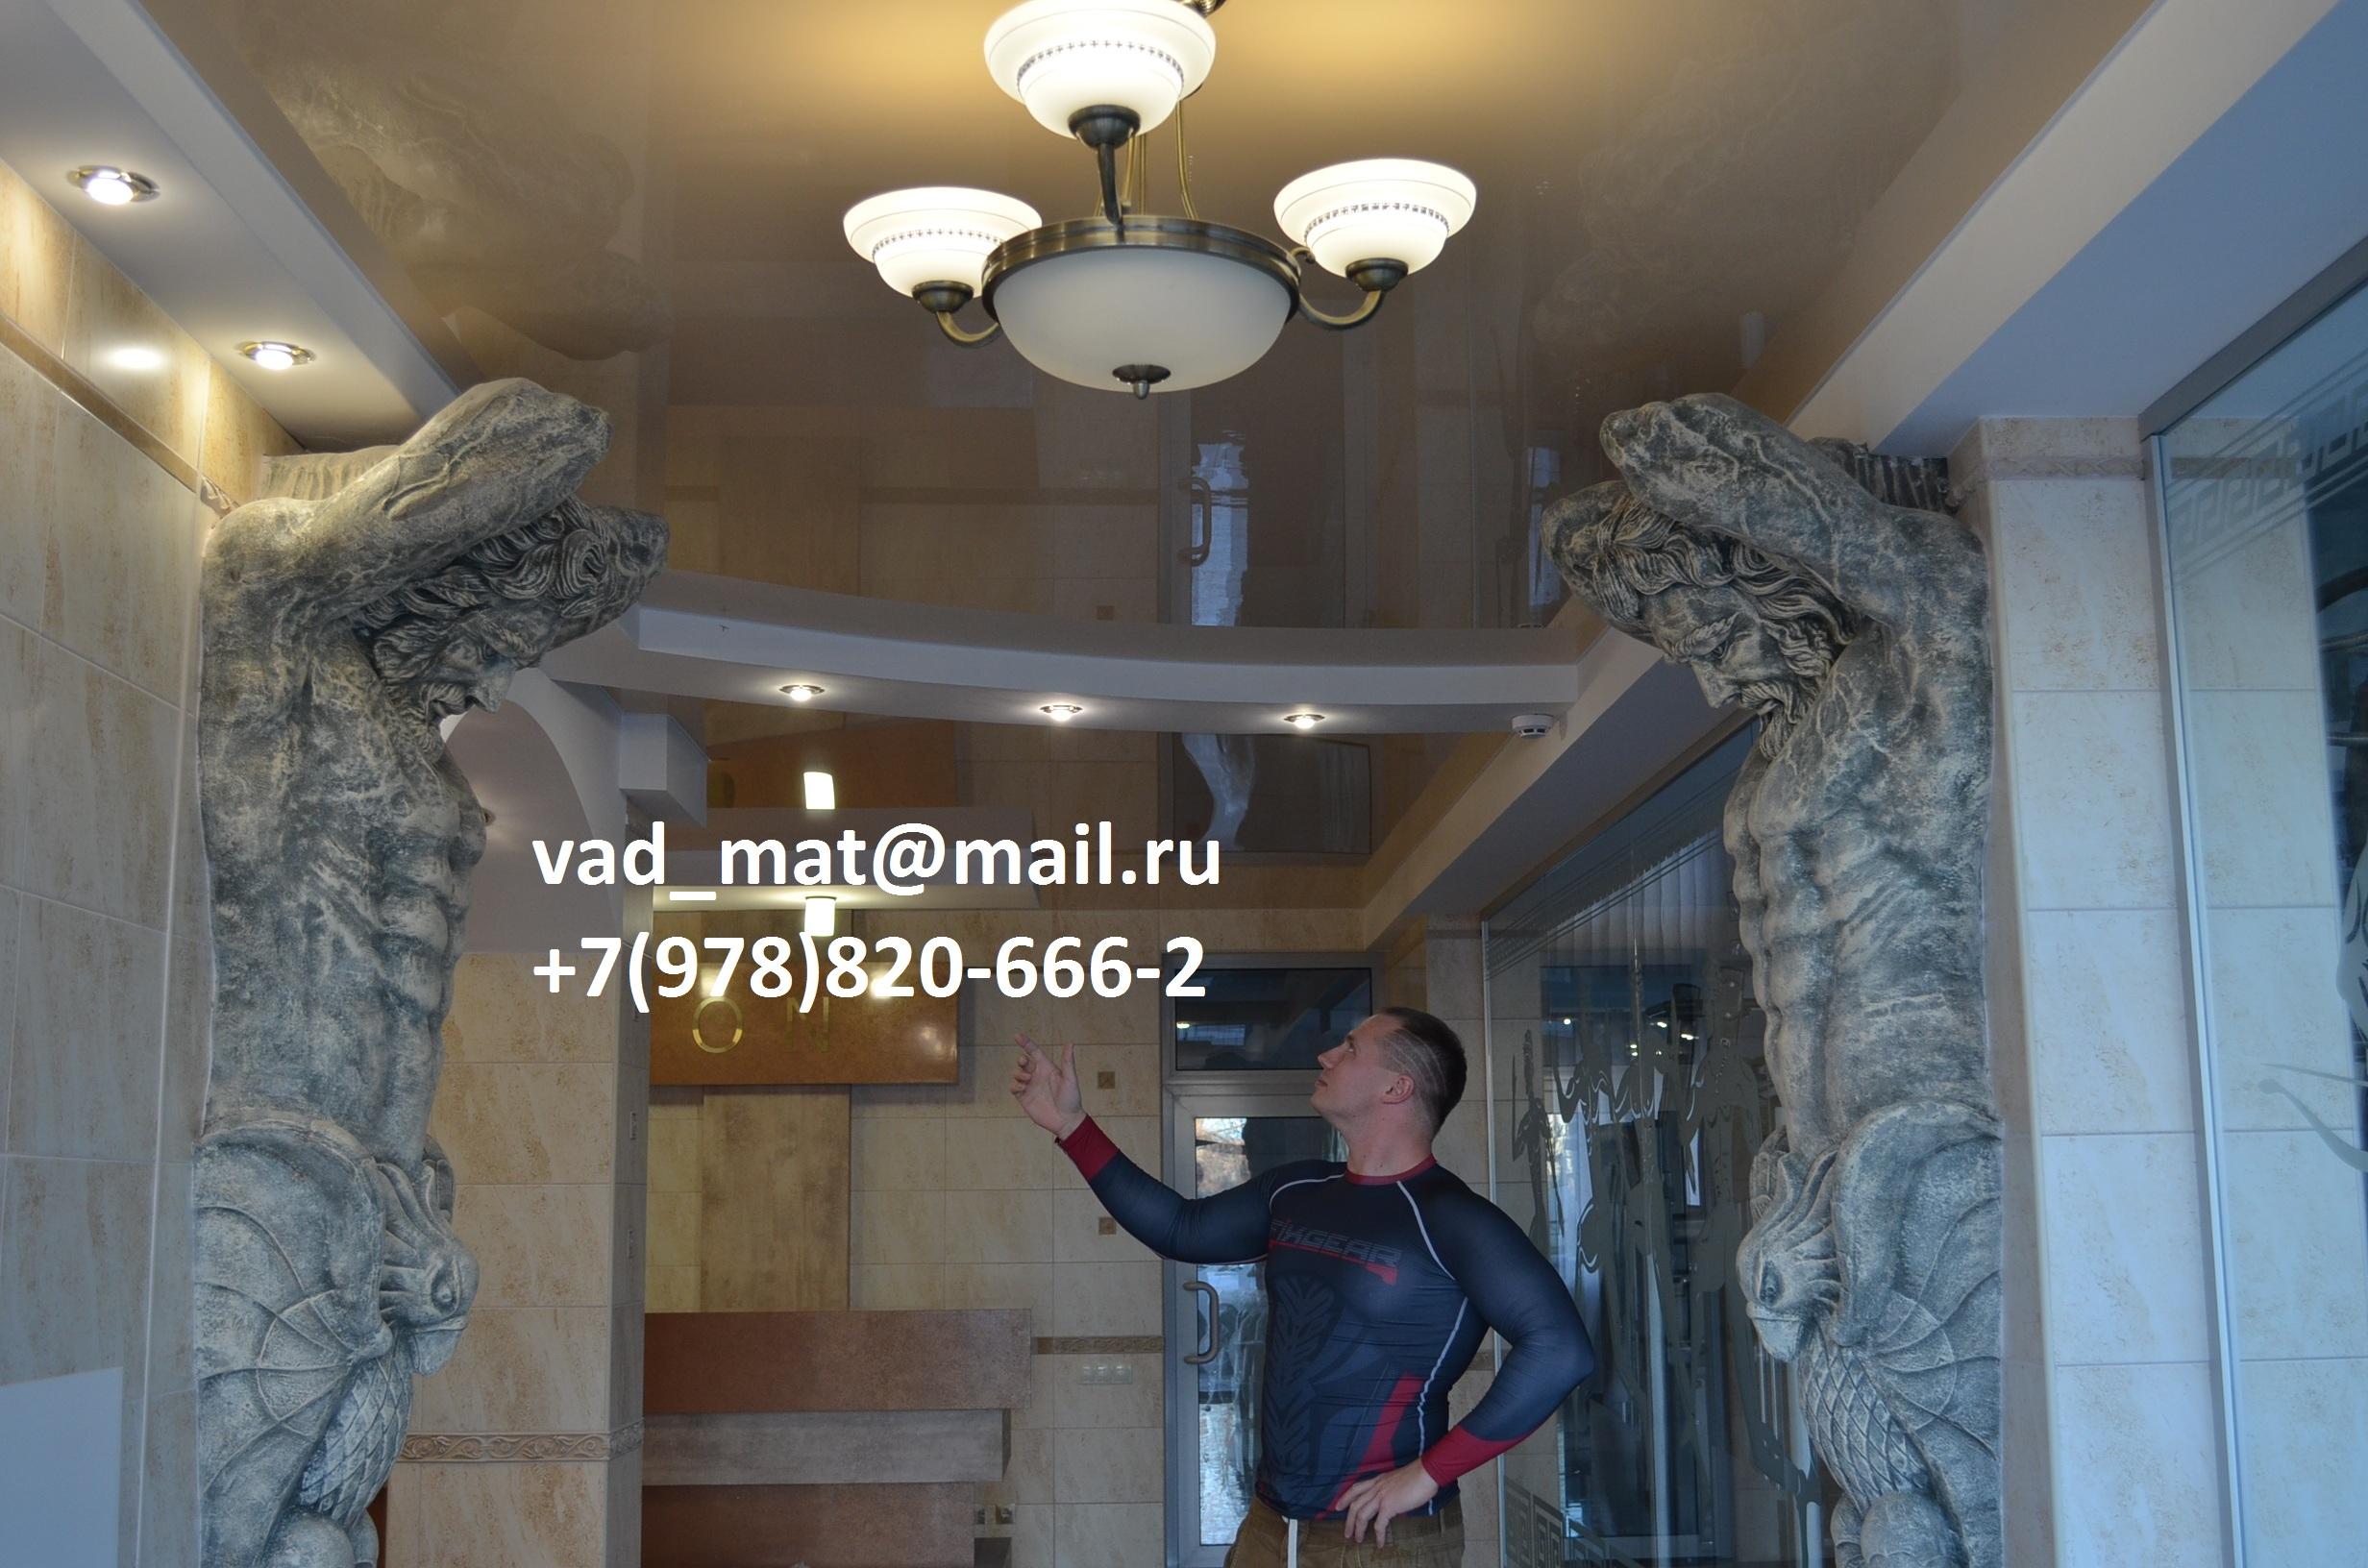 Фирма: Натяжные потолки Скайммастер